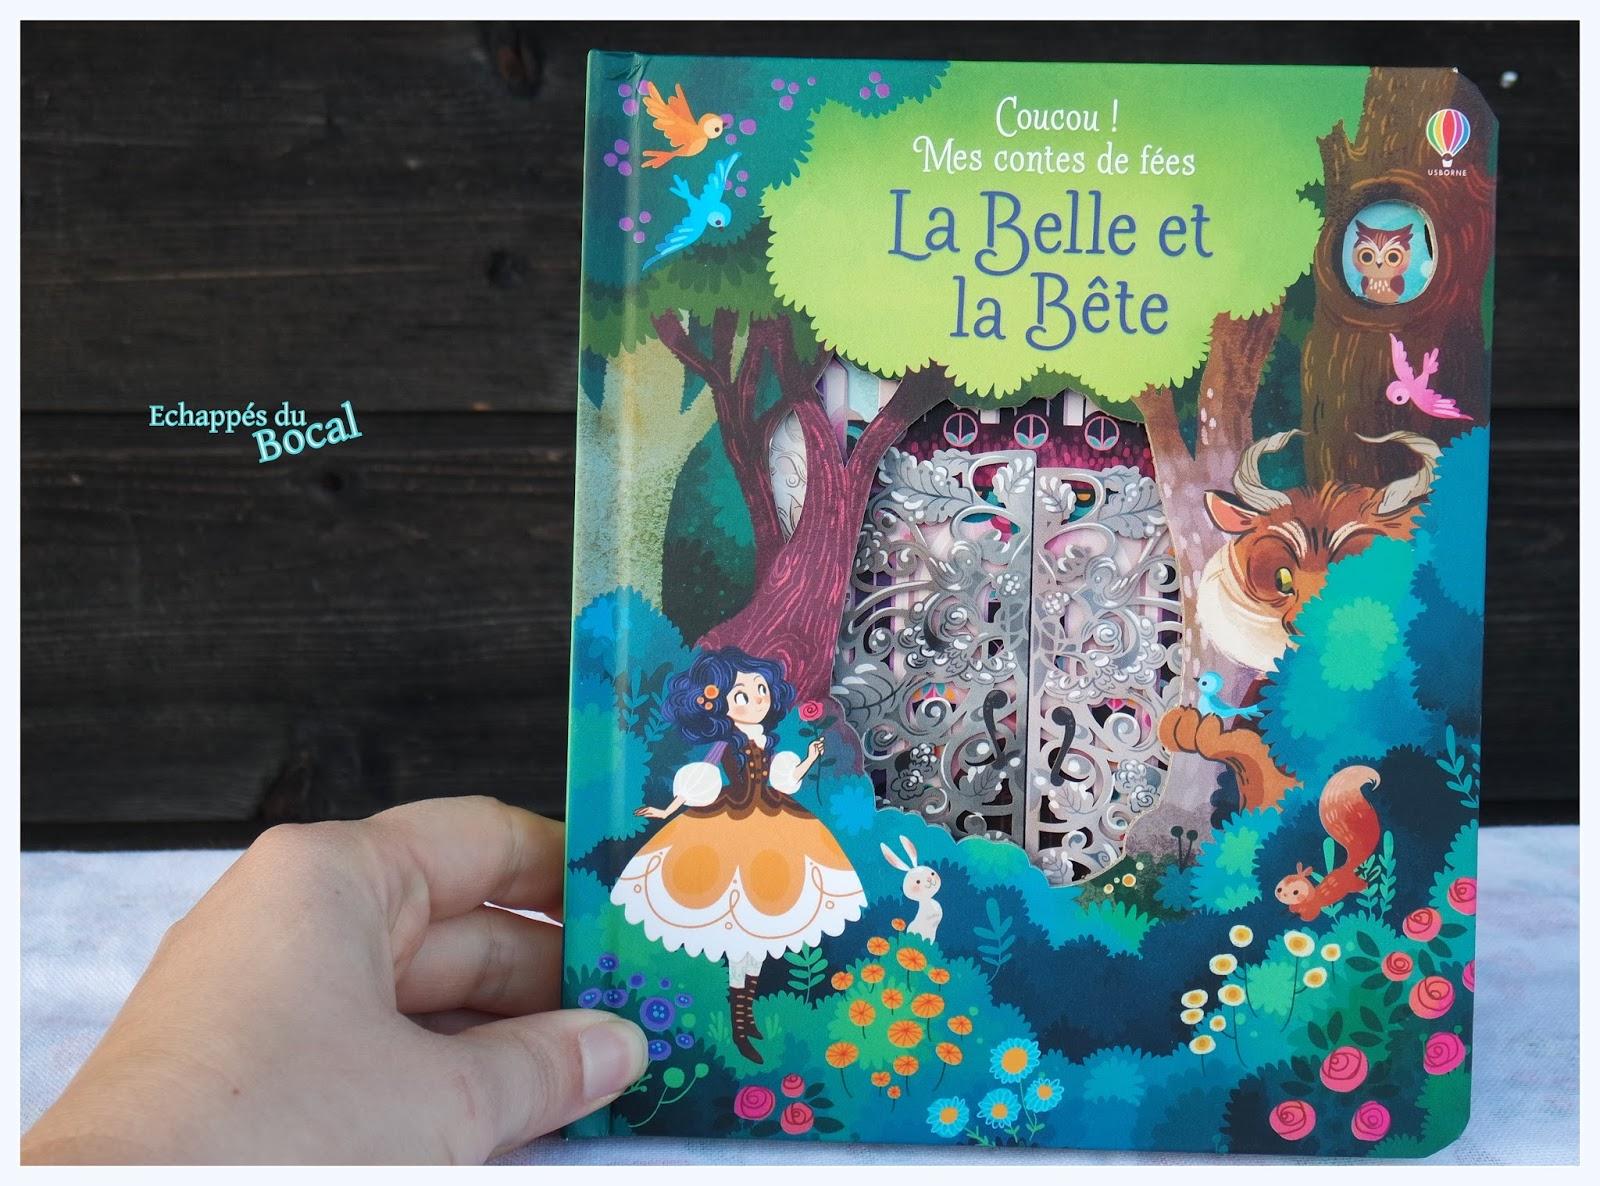 bbdcbb65527 Echappés du bocal  Coucou! mes contes de fées. De jolis illustrés ...